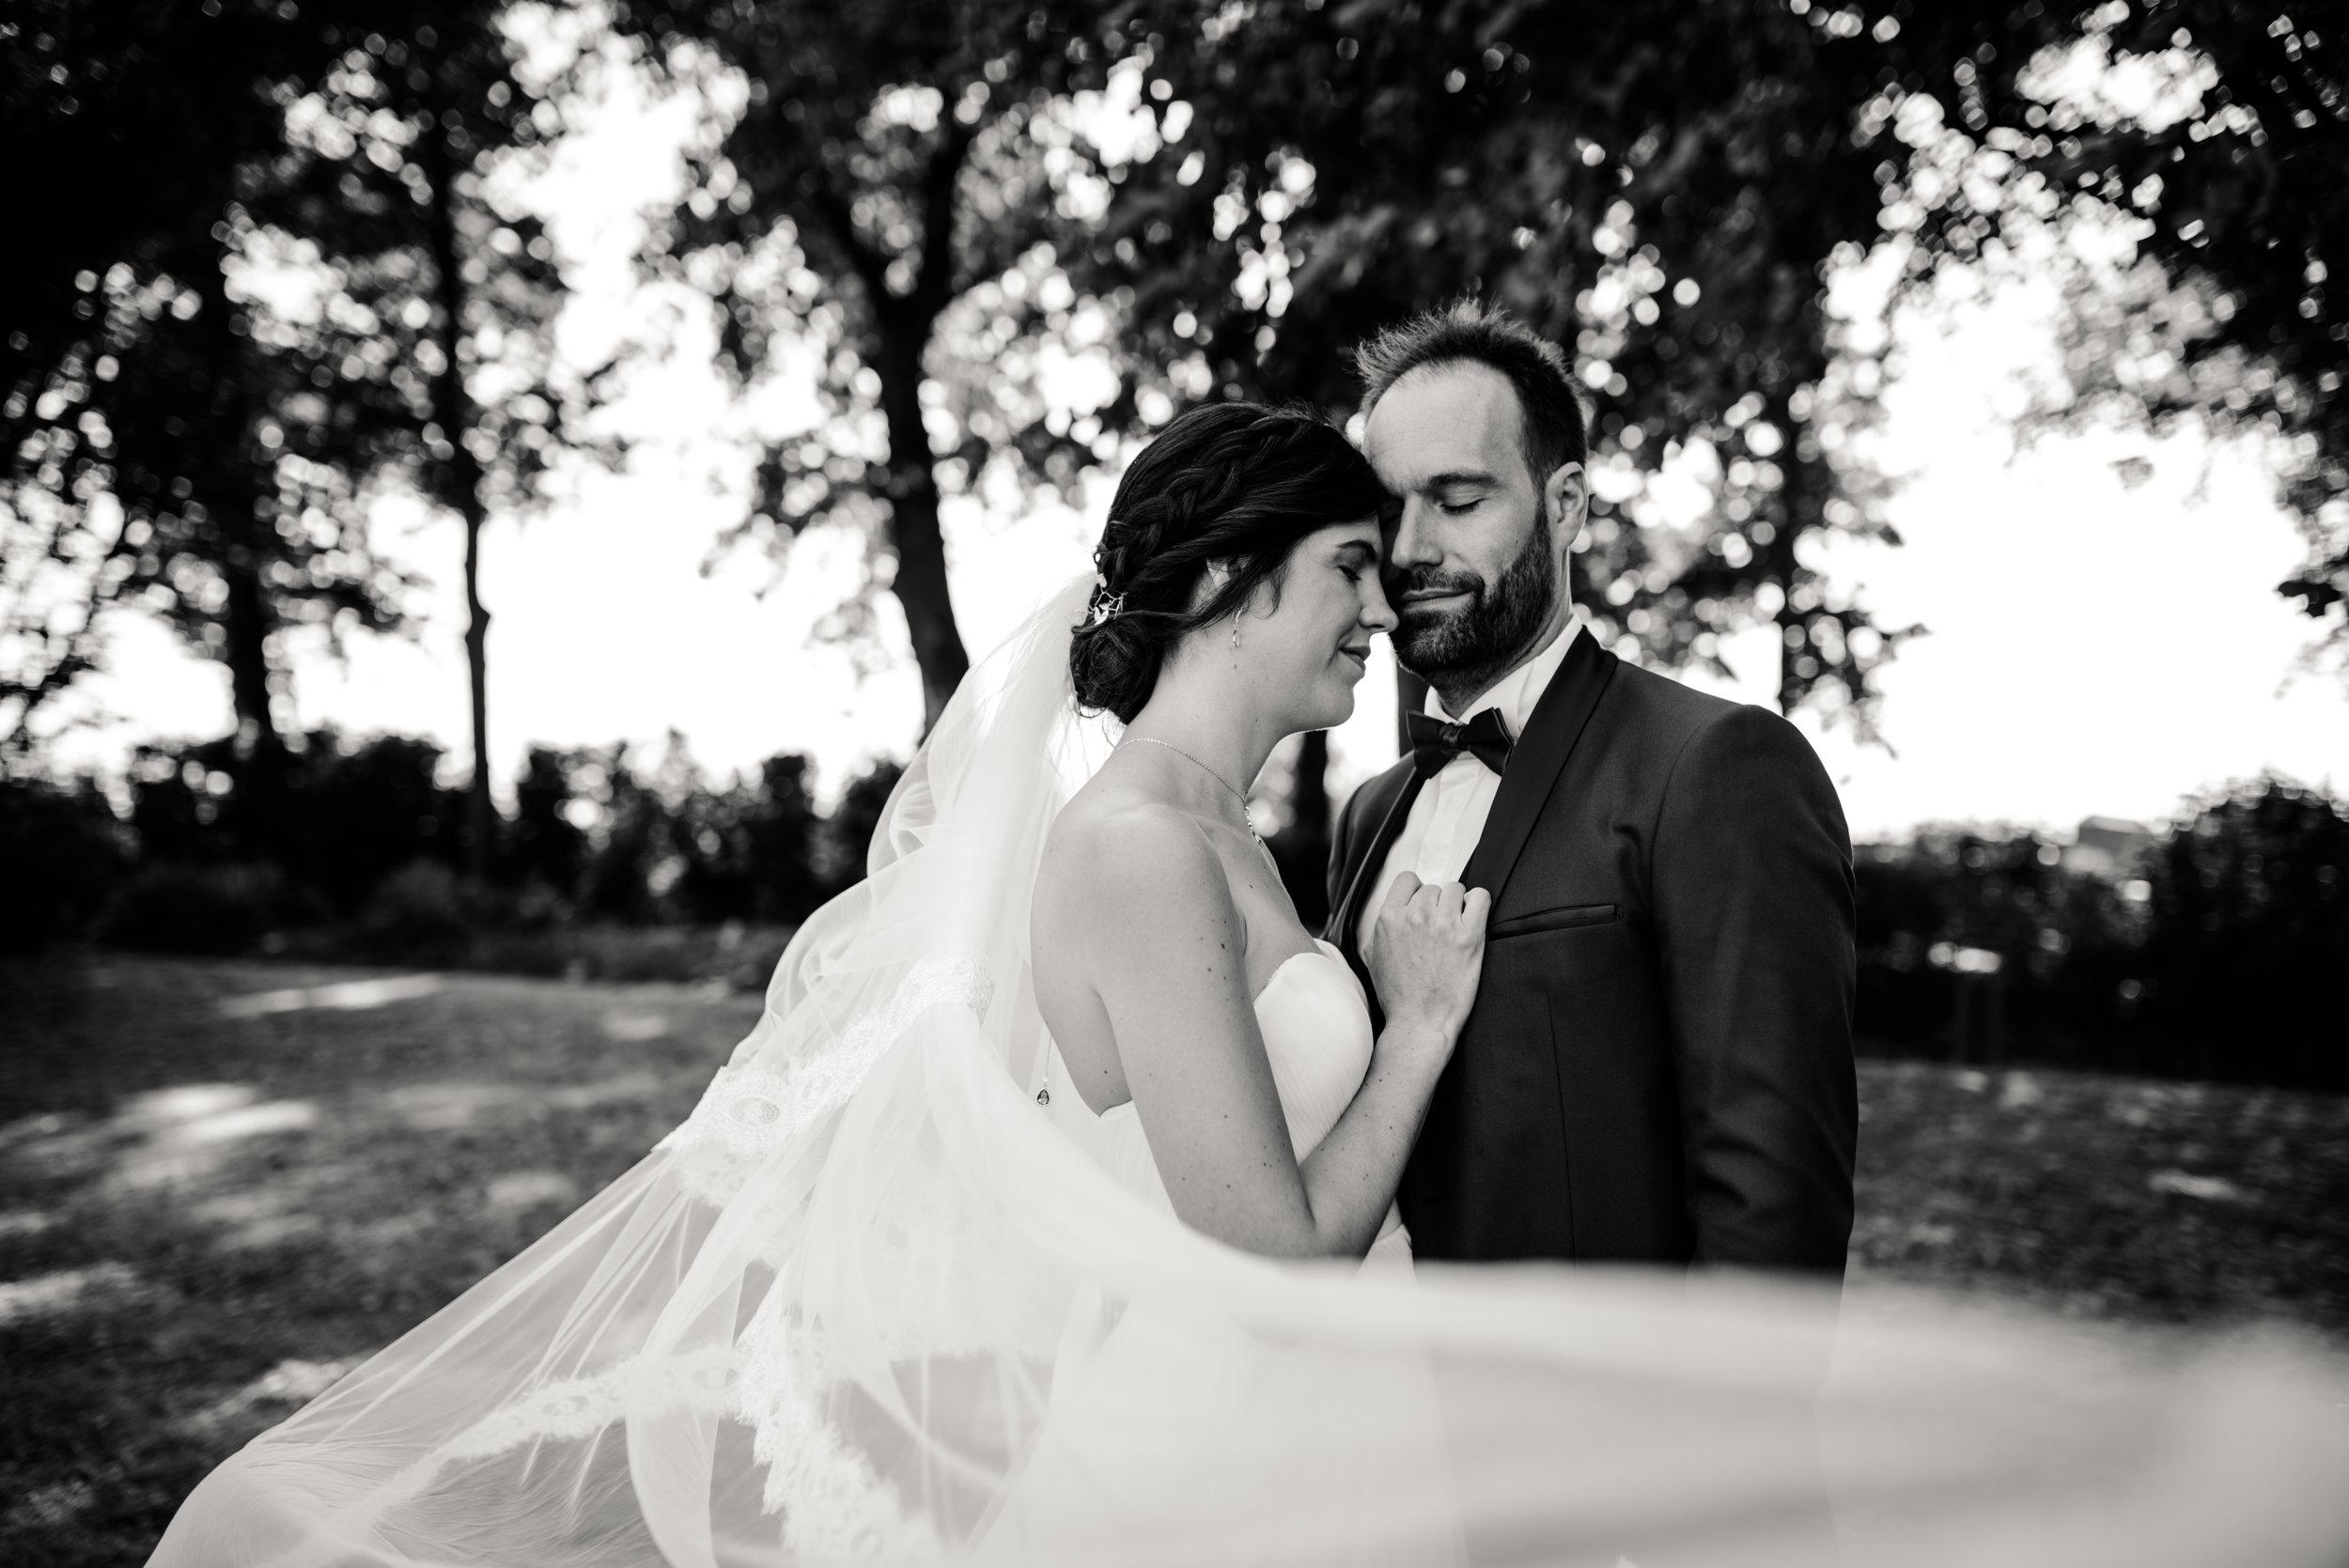 Léa-Fery-photographe-professionnel-lyon-rhone-alpes-portrait-creation-mariage-evenement-evenementiel-famille-7836.jpg